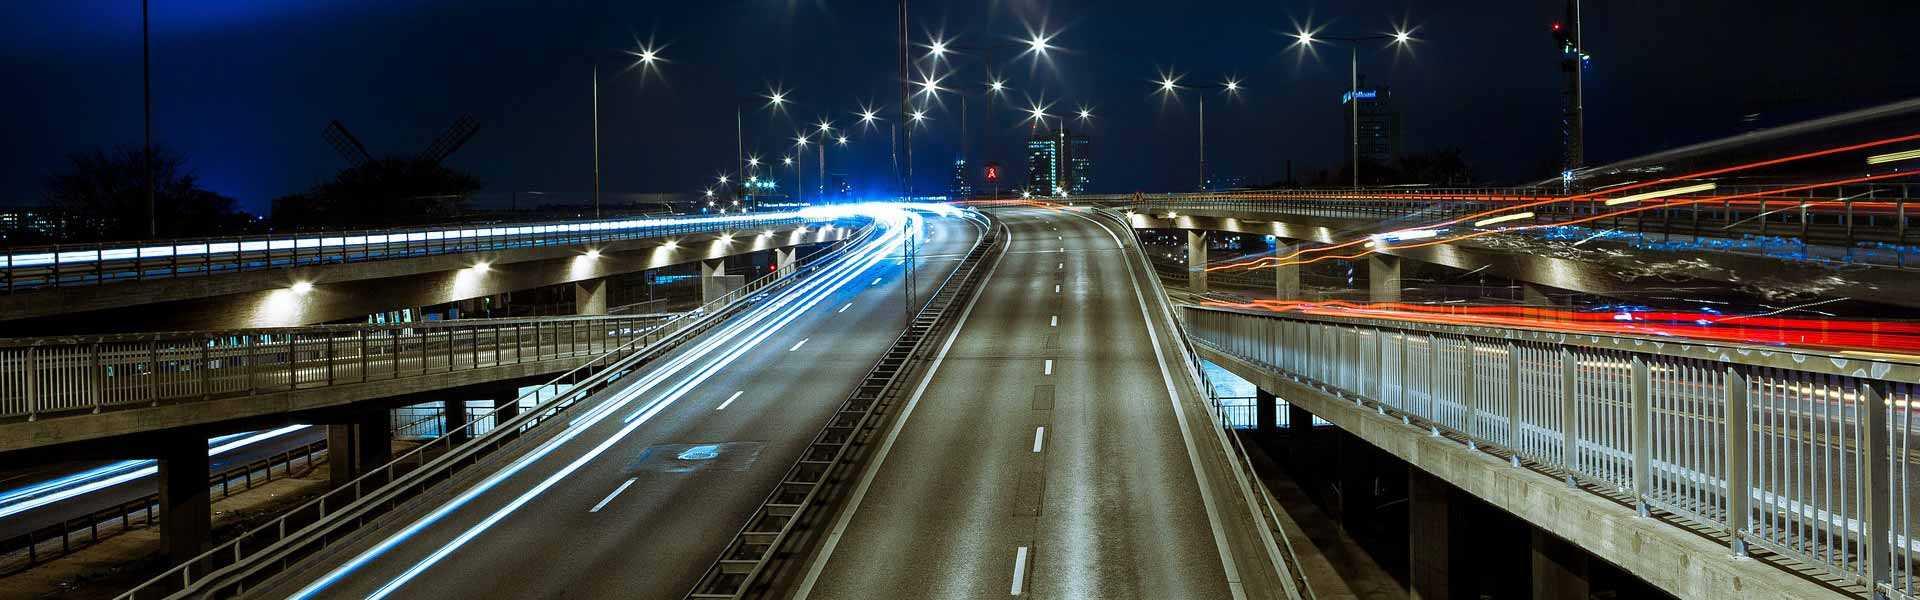 Abaissement de la vitesse sur autoroute